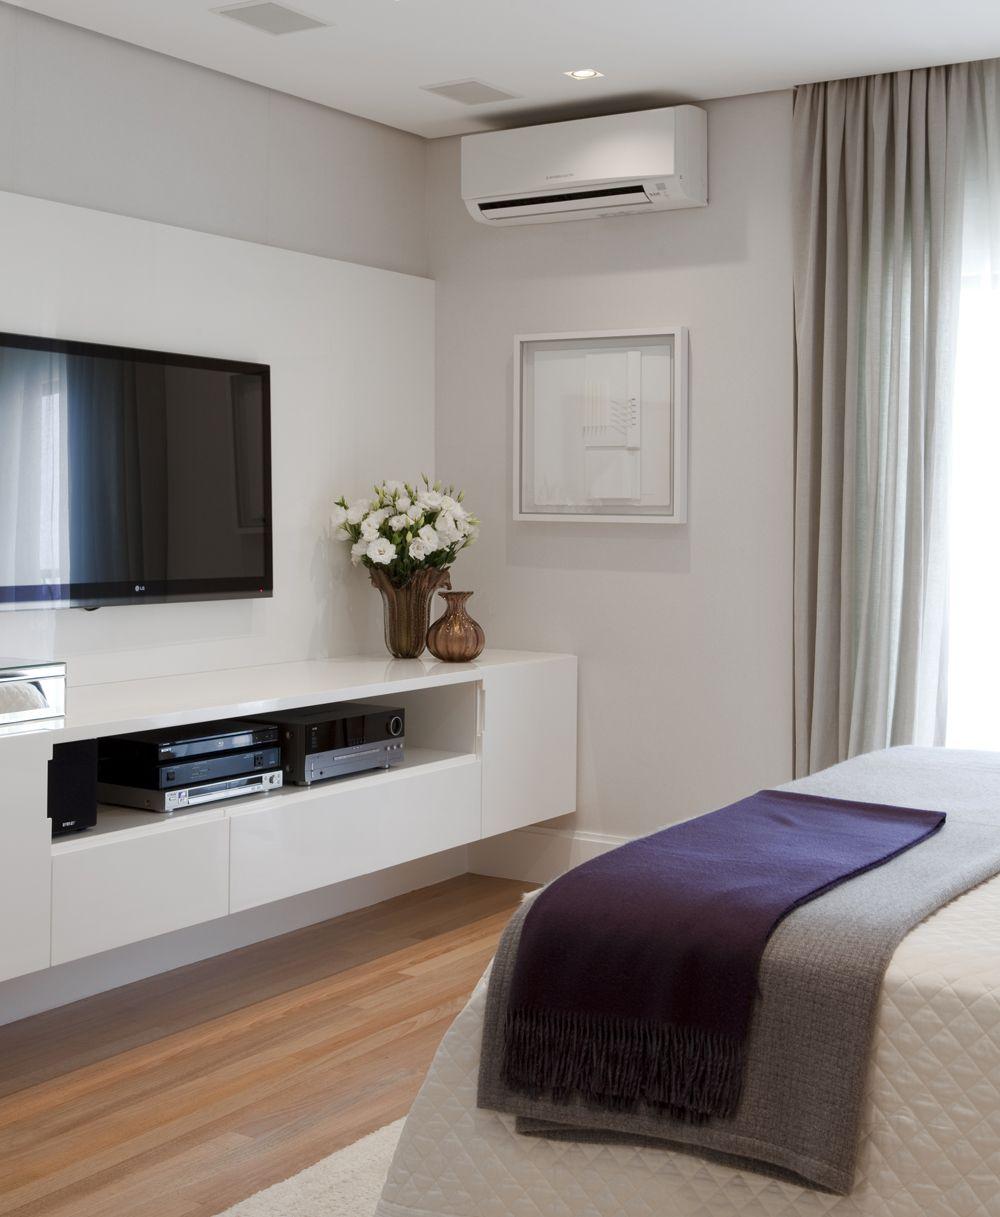 Quarto De Casal Aconchegante Ambiente E Decora O Interiores ~ Armario Modulado Para Quarto E Quarto Vermelho E Branco